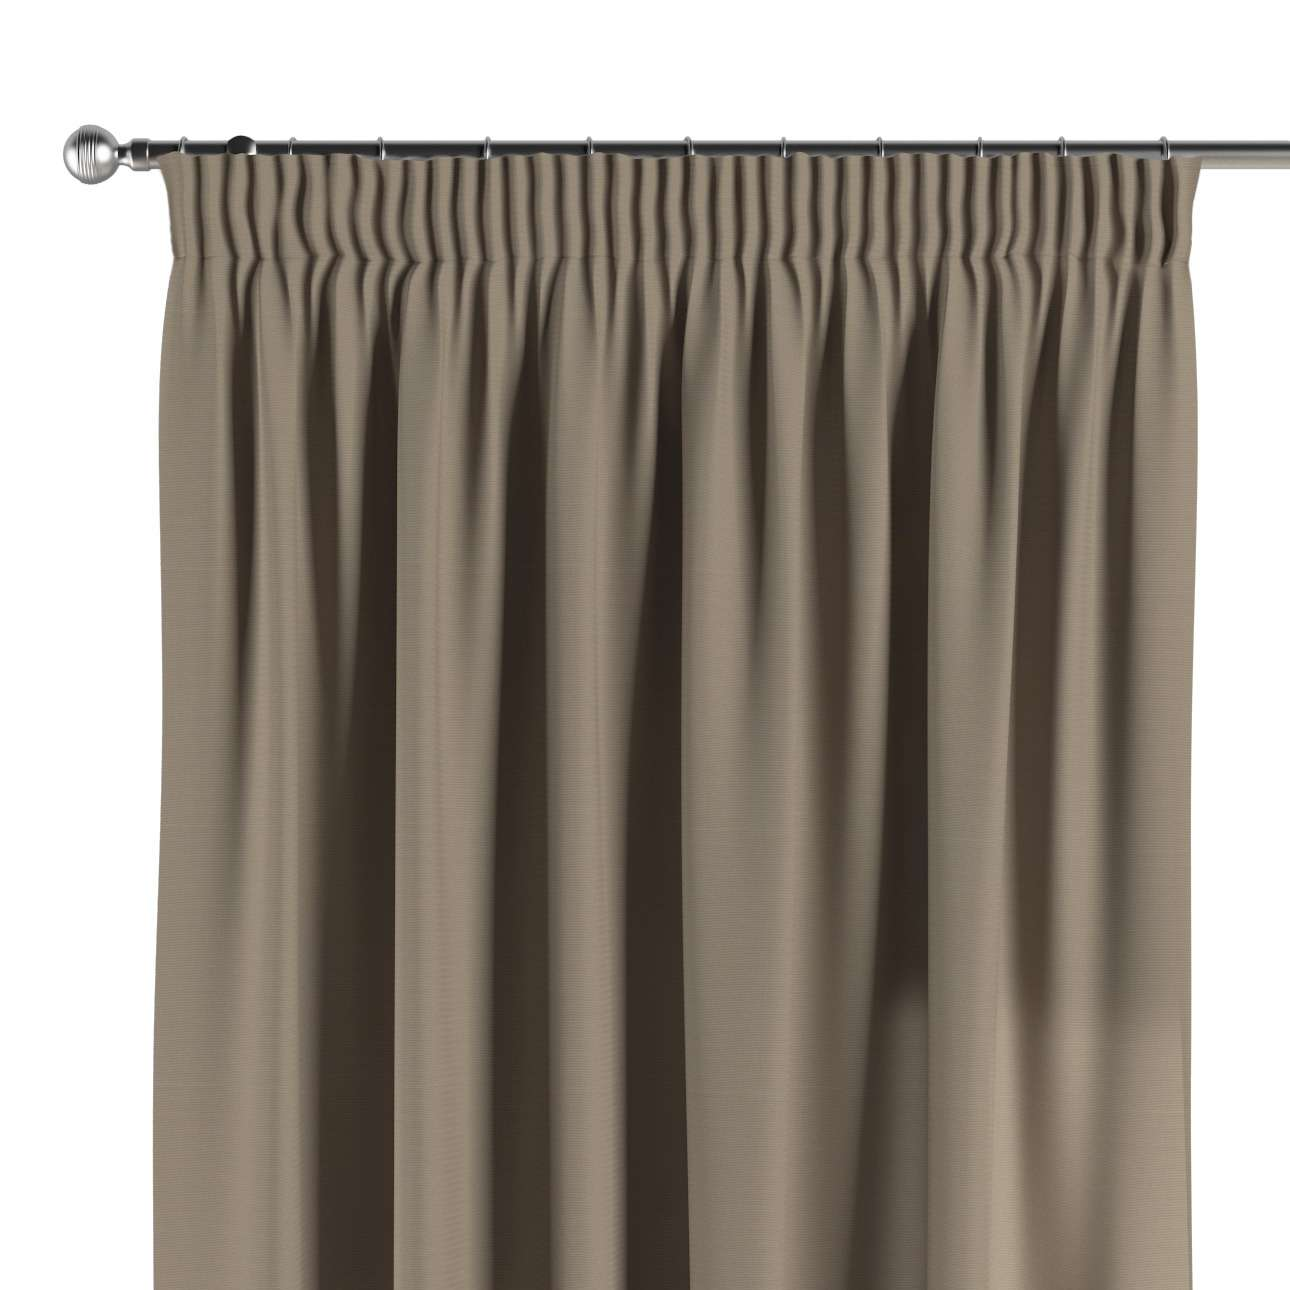 Vorhang mit Kräuselband 130 x 260 cm von der Kollektion Cotton Panama, Stoff: 702-28